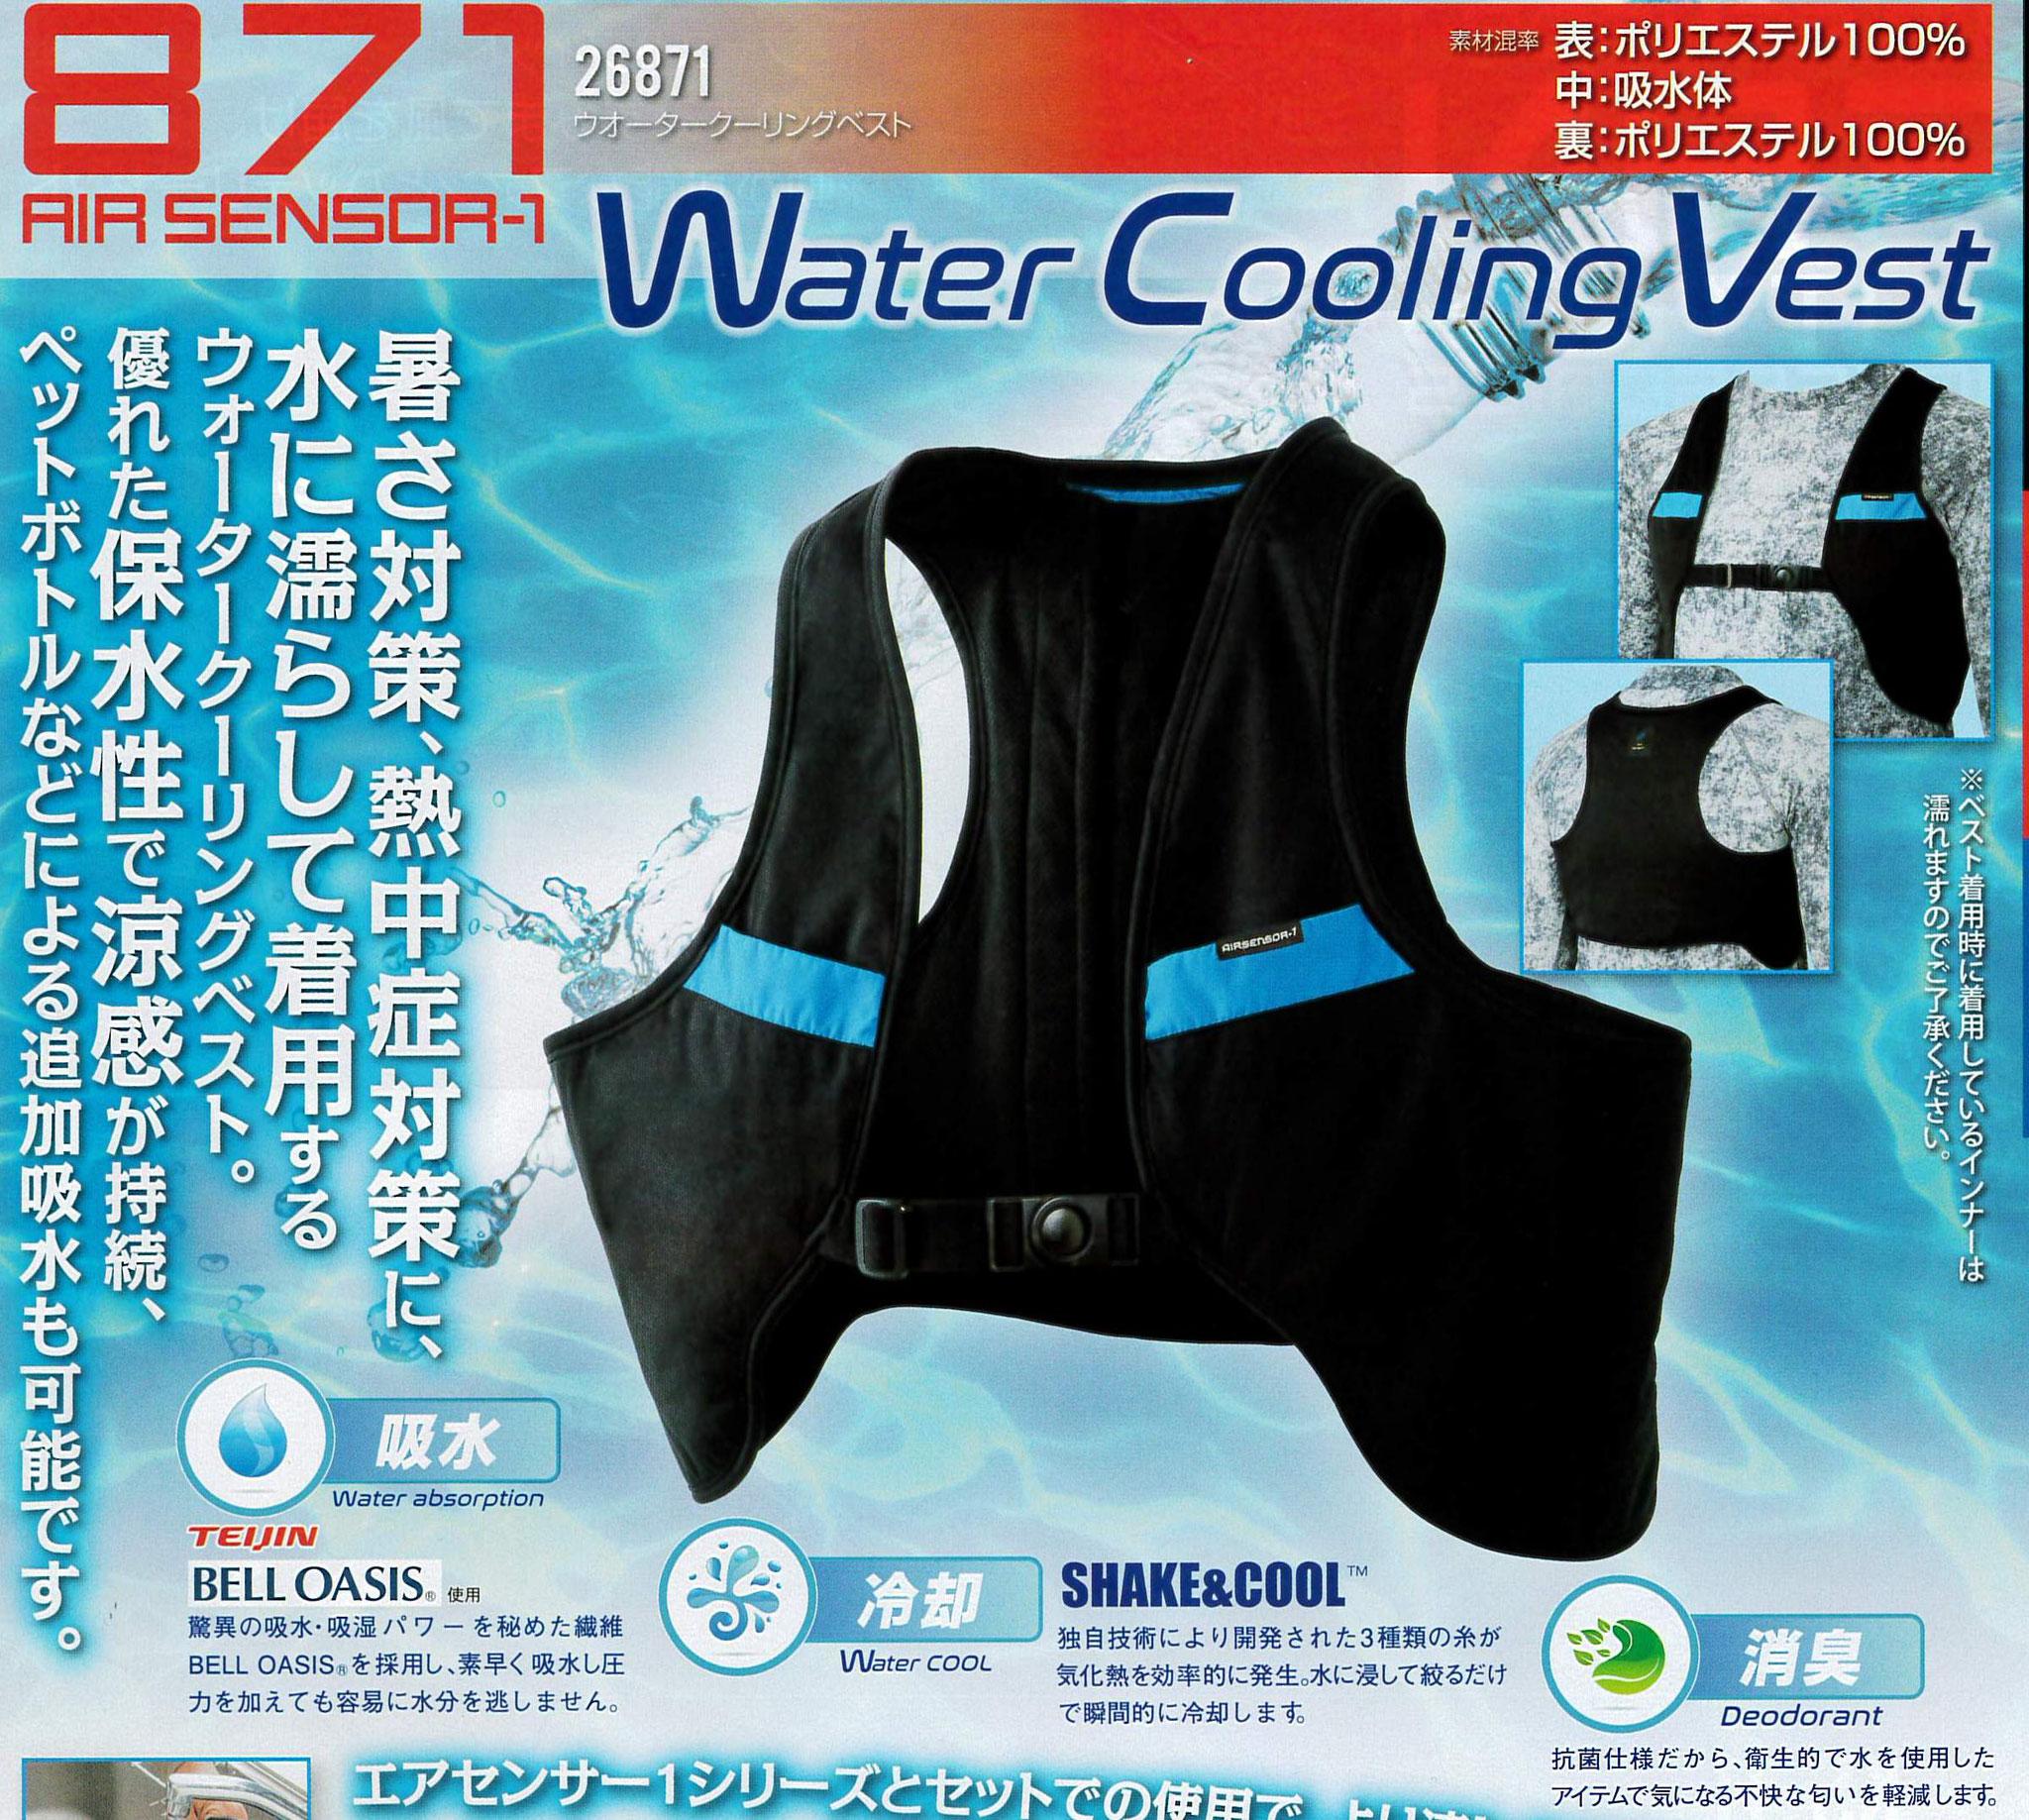 エアセンサー<AIR-SENSOR>26871 ウォータークーリングベスト ¥3,990(税込)